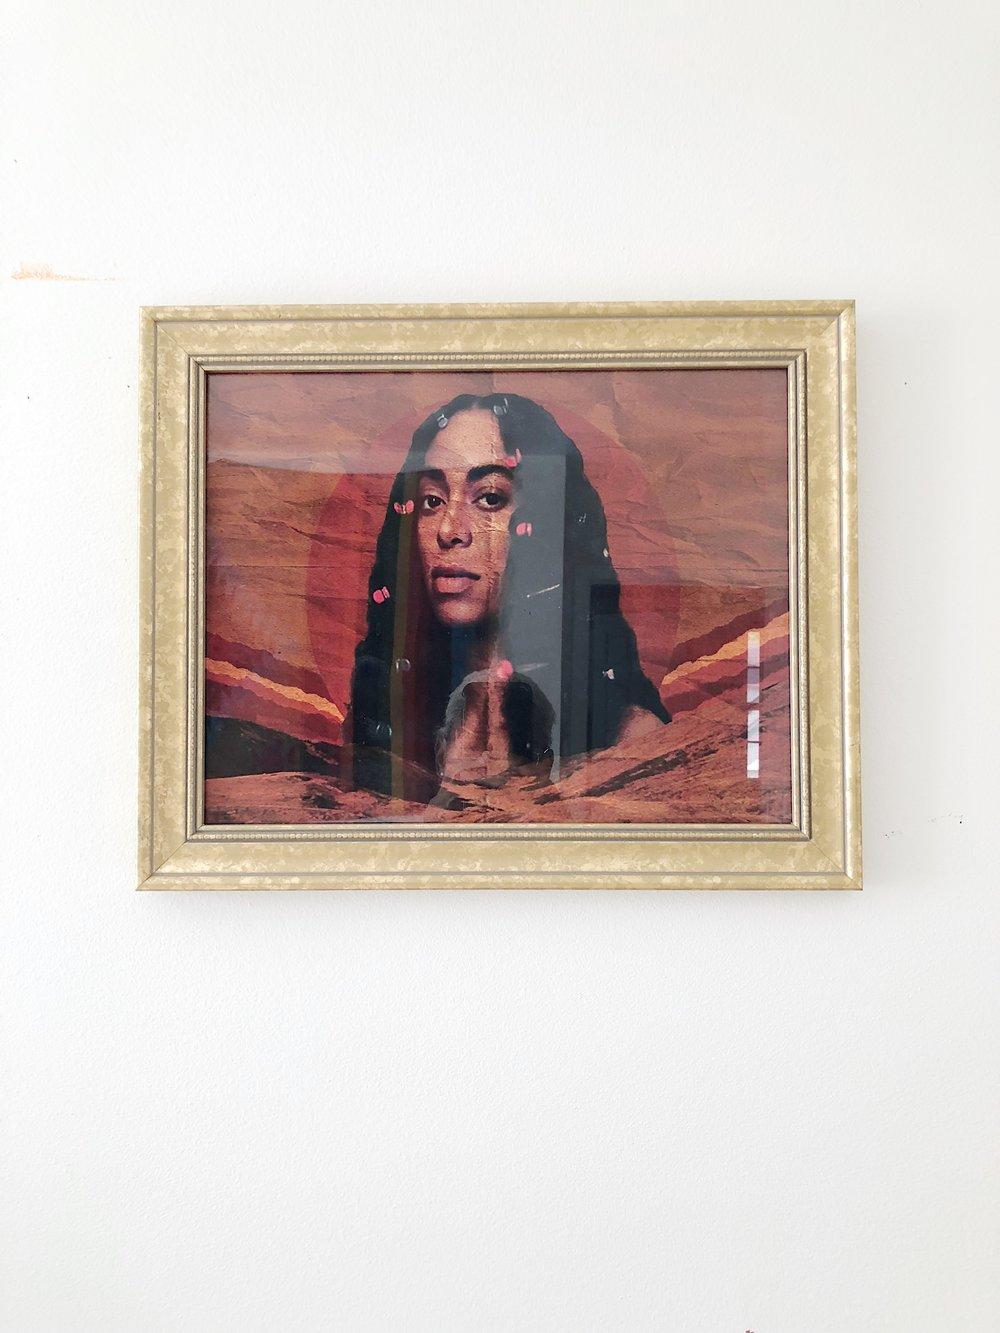 Solange 11x14